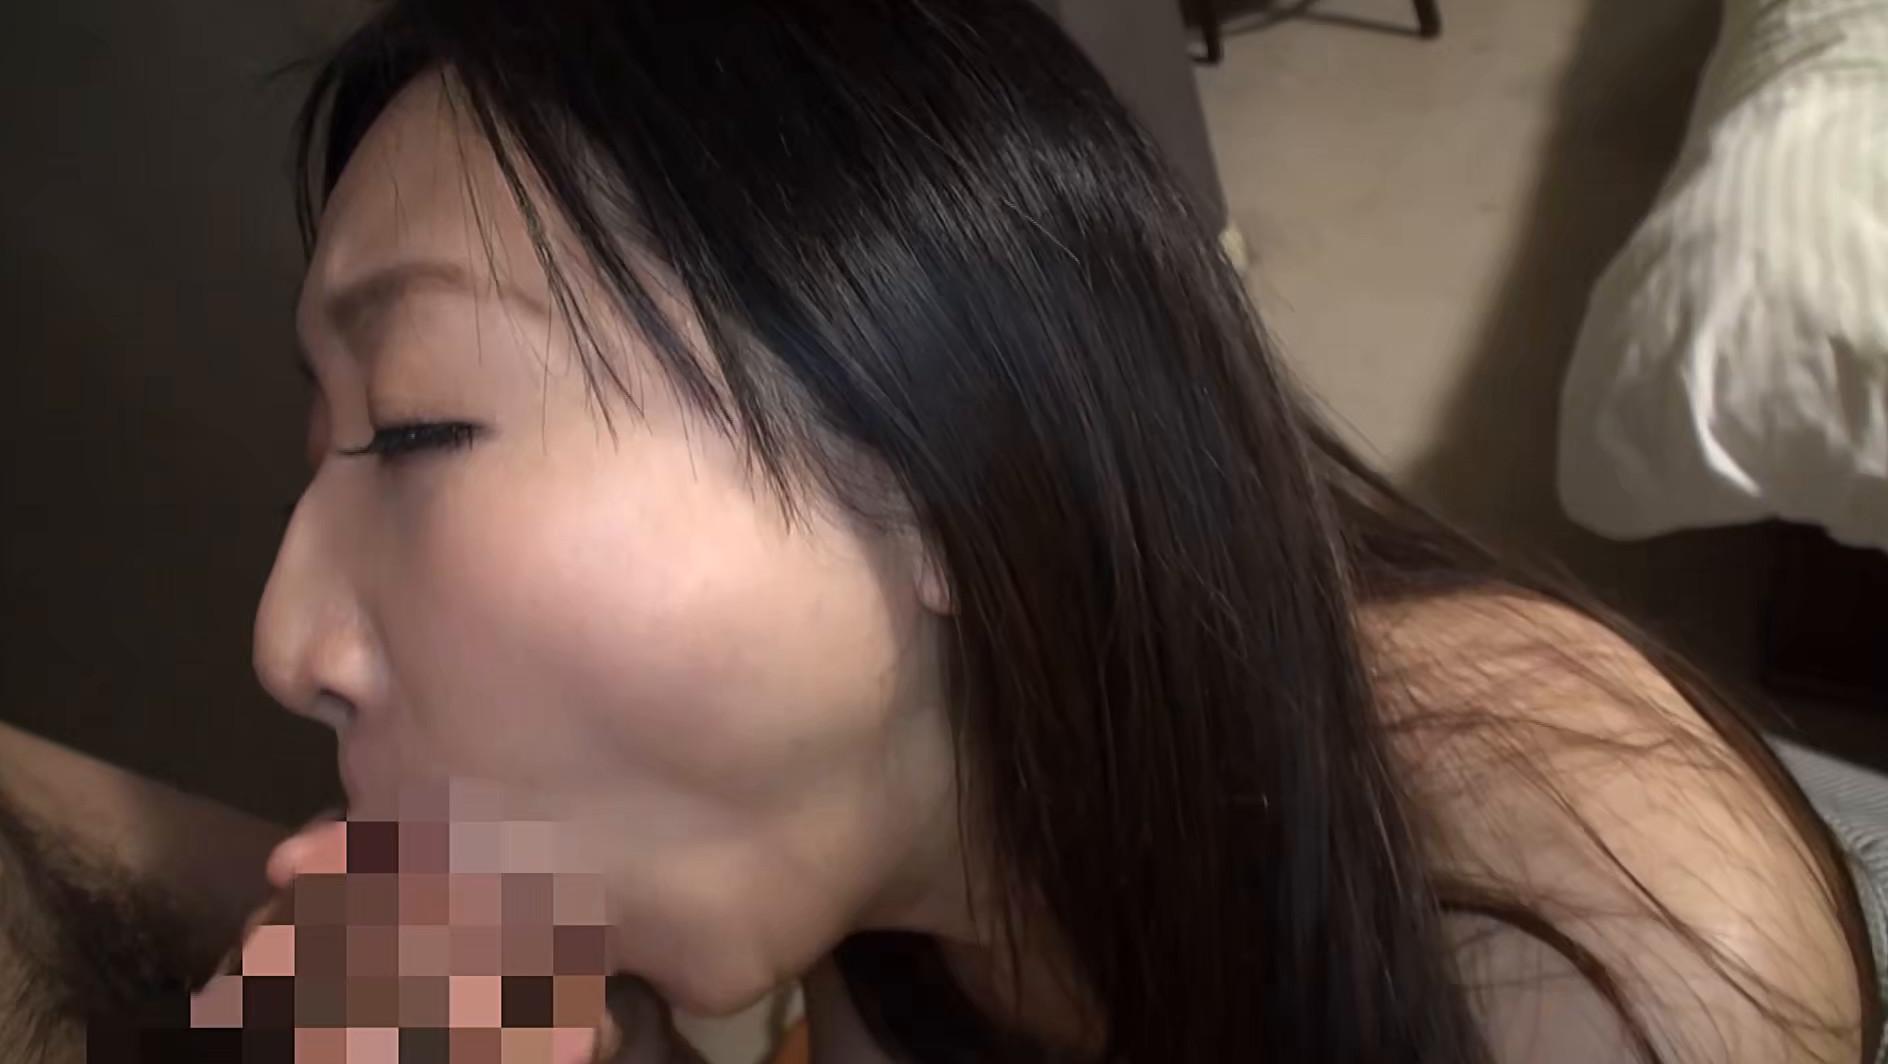 【五十路】泰子 画像5